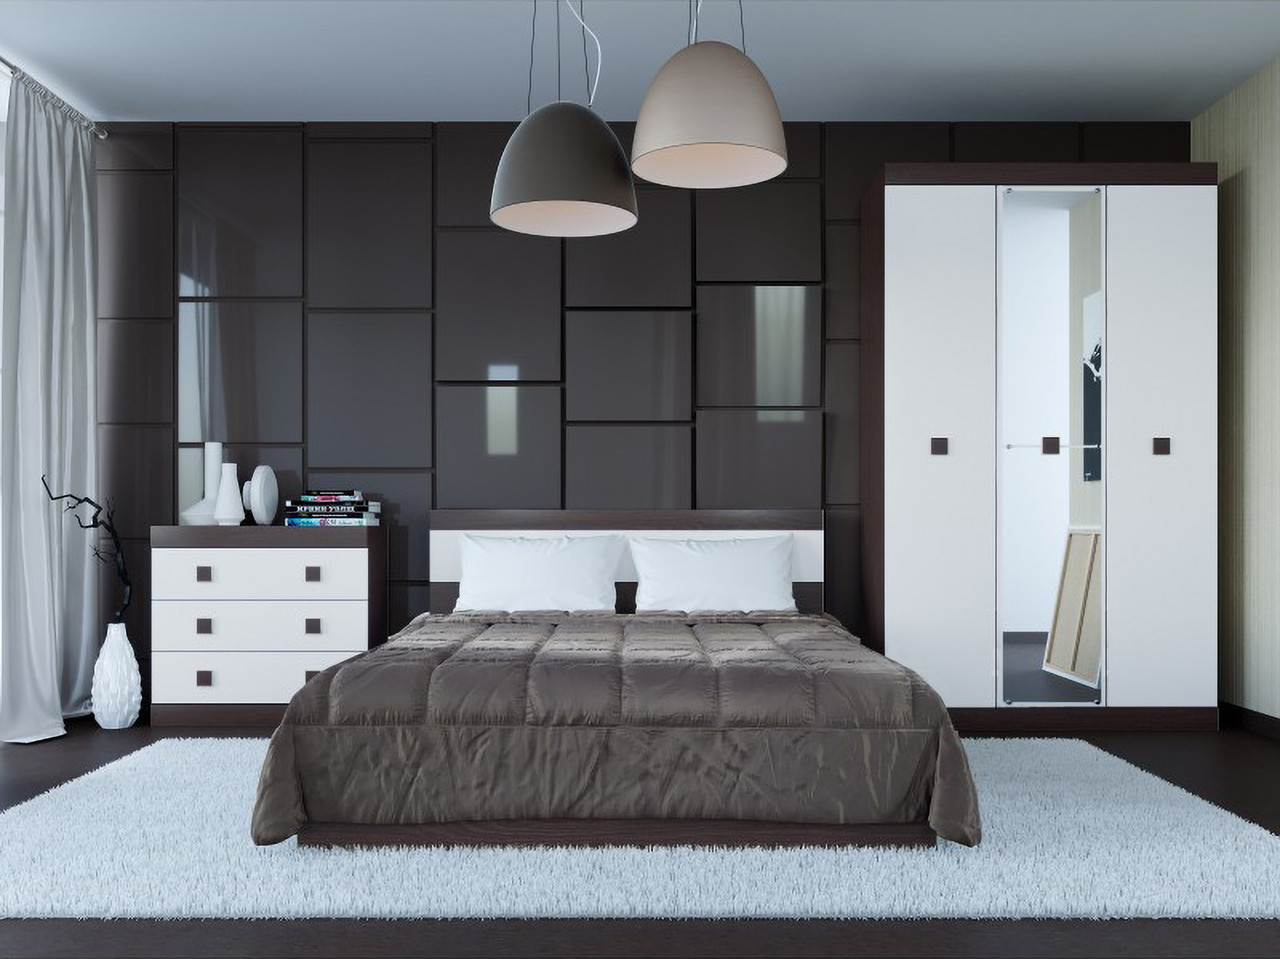 Спальня комплект 1 с зеркалом ЭВЕРЕСТ Дуб сонома + Белый, фото 2